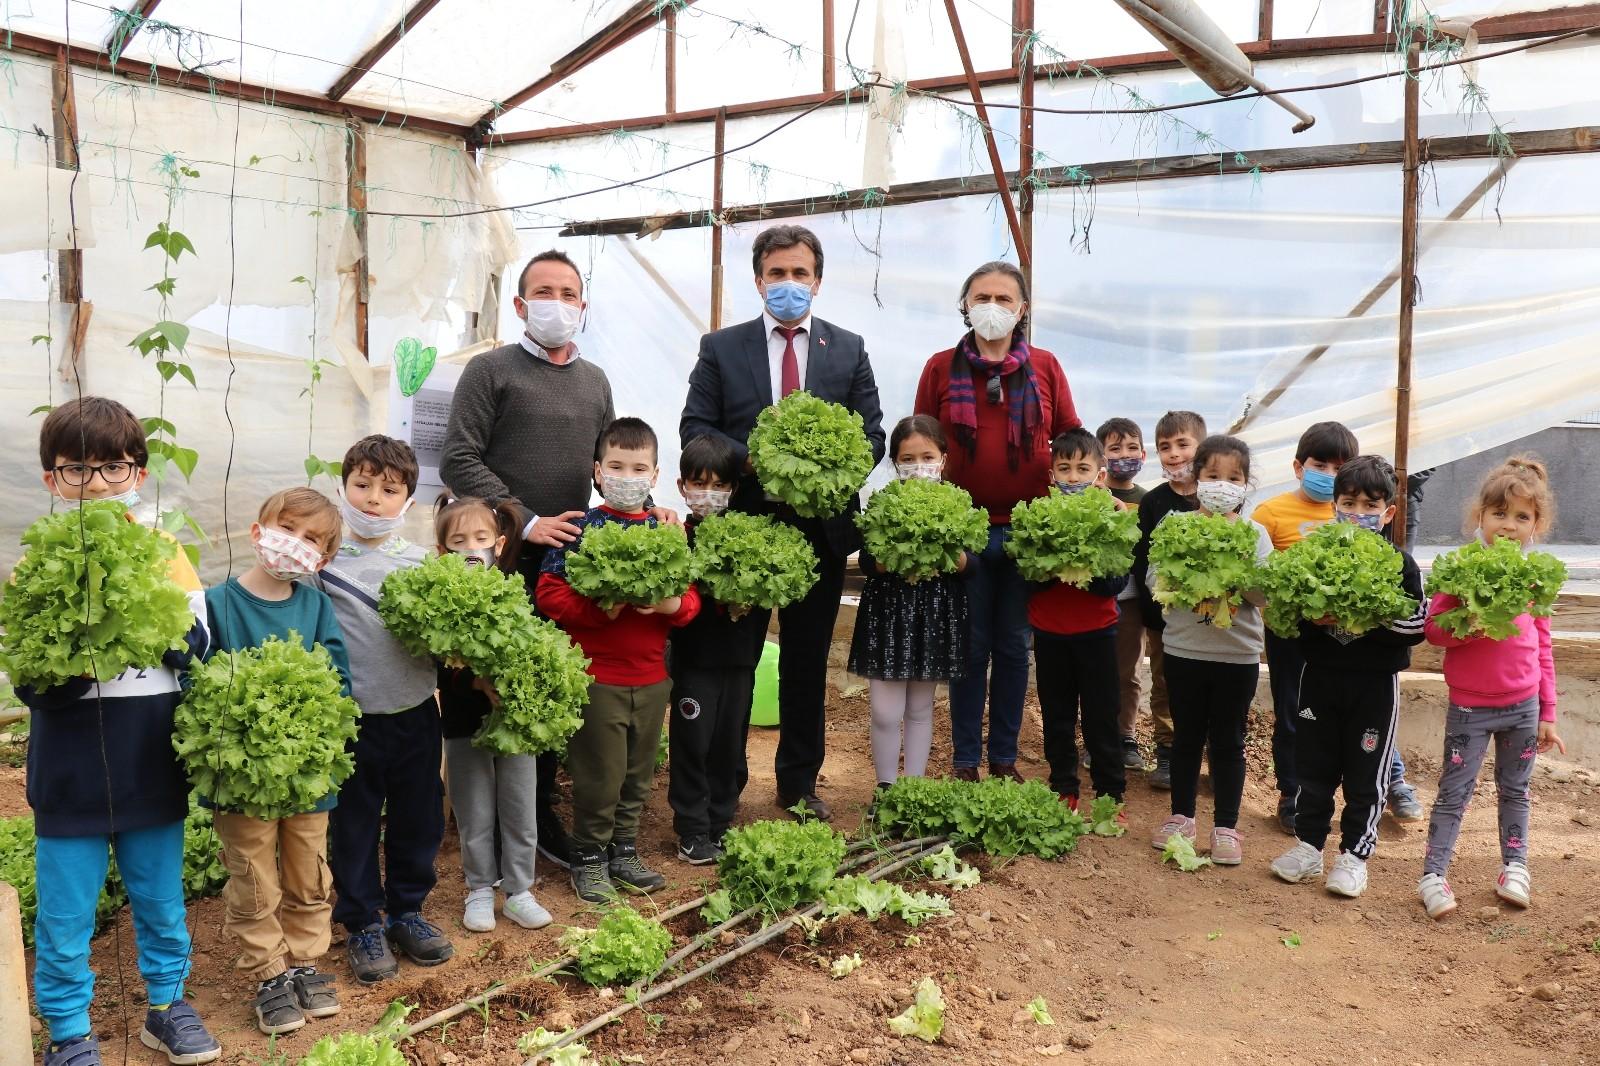 Antalya'da öğrenciler serada yetiştirdikleri organik sebzelerin hasadını yaptı